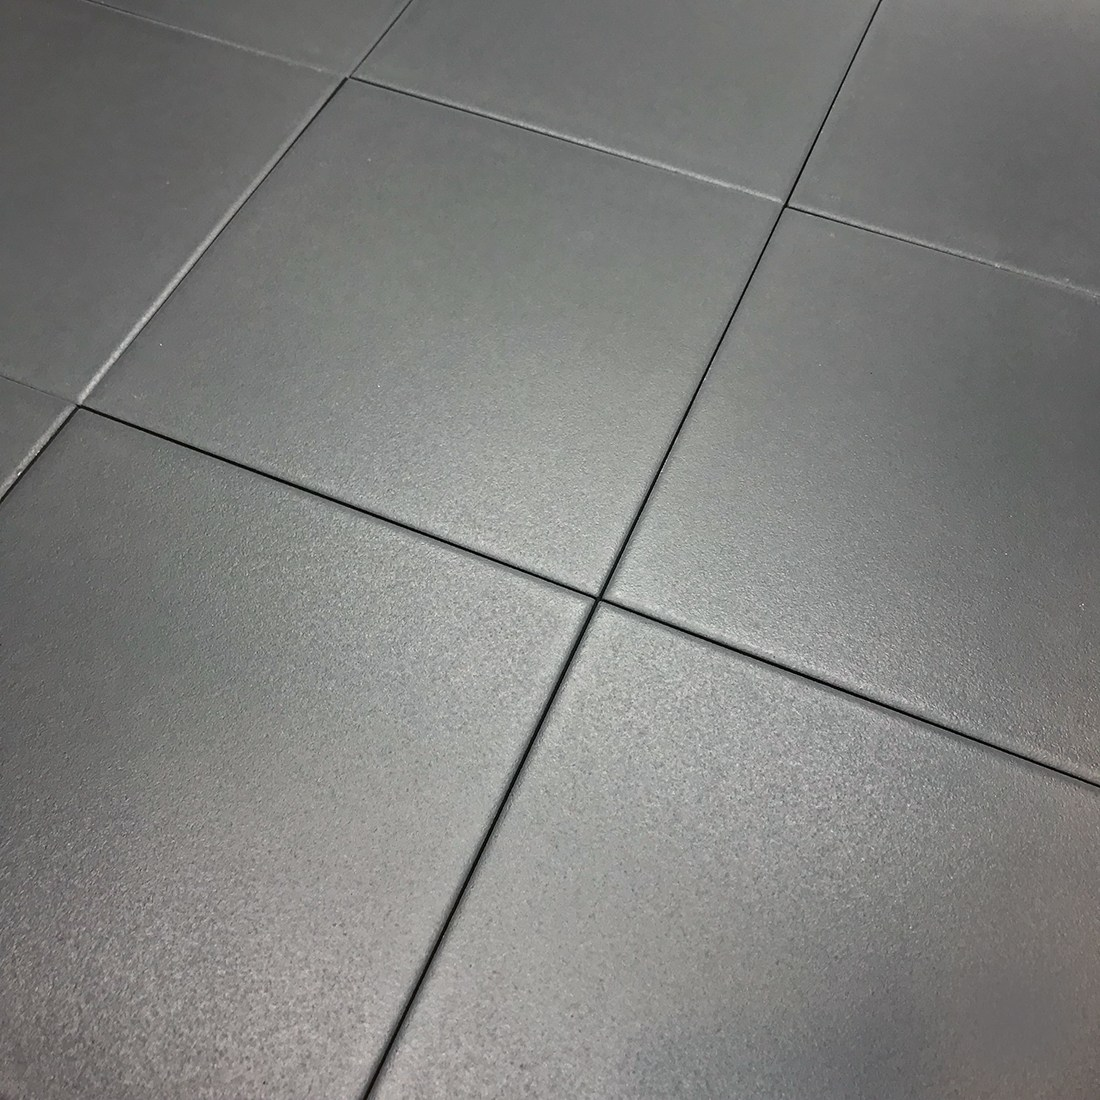 이레타일 블랙타일 베란다 화장실 주방 현관 바닥 욕실바닥 자기질타일 (낱장판매) 블랙901, 다크그레이, 1개